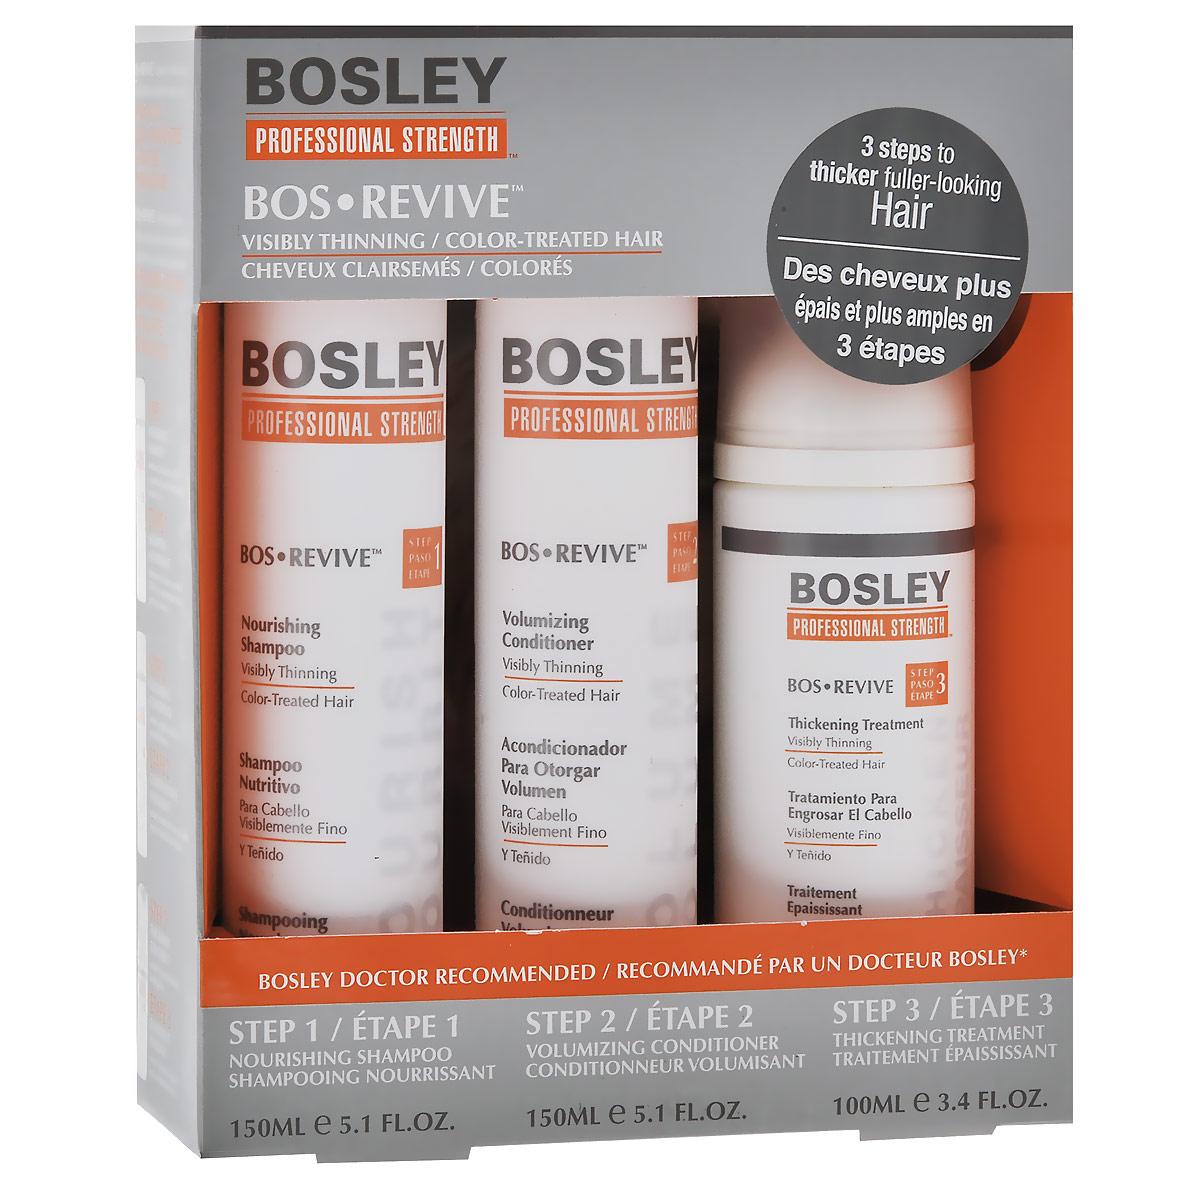 Bosley Набор для истонченных и окрашенных волос: шампунь, кондиционер, несмываемый уходOS-81652107Набор Bosley для истонченных и окрашенных волос состоит из шампуня, кондиционера и несмываемого ухода. Нежный, не содержащий сульфаты питательный шампунь Bosley, очищает, восстанавливает и омолаживает волосы и кожу головы. Выводит токсины, такие как ДГТ (основная причина истончения и выпадения волос) с кожи головы и заметно истонченных волос.Создает здоровую среду дляволос и кожи головы благодарякомплексу LifeXtend.Позволяет сохранить яркость цвета окрашенных волос на более длительный срок с помощью системы ColorKeeper. Кондиционер Bosley для объема предназначен для истонченных окрашенных волос. Не содержит парабенов, увеличивает объем.Экстракт водорослей способствует защите от фотостарения, частого мытья и механических повреждений в результате расчесывания.Содержит LifeXtend комплекс, который помогает стимулировать производство белка кератина в луковице волос и укрепляет всю структуру волоса.С помощью система ColorKeeper кондиционер сохраняет яркость цвета окрашенных волос на более длительный срок. Ежедневный несмываемый омолаживающий и питательный уход Bosley для заметно истонченных окрашенных волос. Восстанавливает и омолаживает волосы и кожу головы благодаря комплексу LifeXtend, помогая уменьшить действие ДГТ. Утолщающая технология добавляет силу и невесомый объем. Технология ColorKeeper сохраняет яркость цвета окрашенных волос на более длительный срок.Способ применения: наносить ежедневно на кожу головы и волосы после применения шампуня и кондиционера. Не смывать! Характеристики:Объем шампуня: 150 мл. Объем кондиционер: 150 мл. Объем ухода: 100 мл. Размер упаковки: 15 см х 5,5 см х 19 см. Производитель: США. Товар сертифицирован.